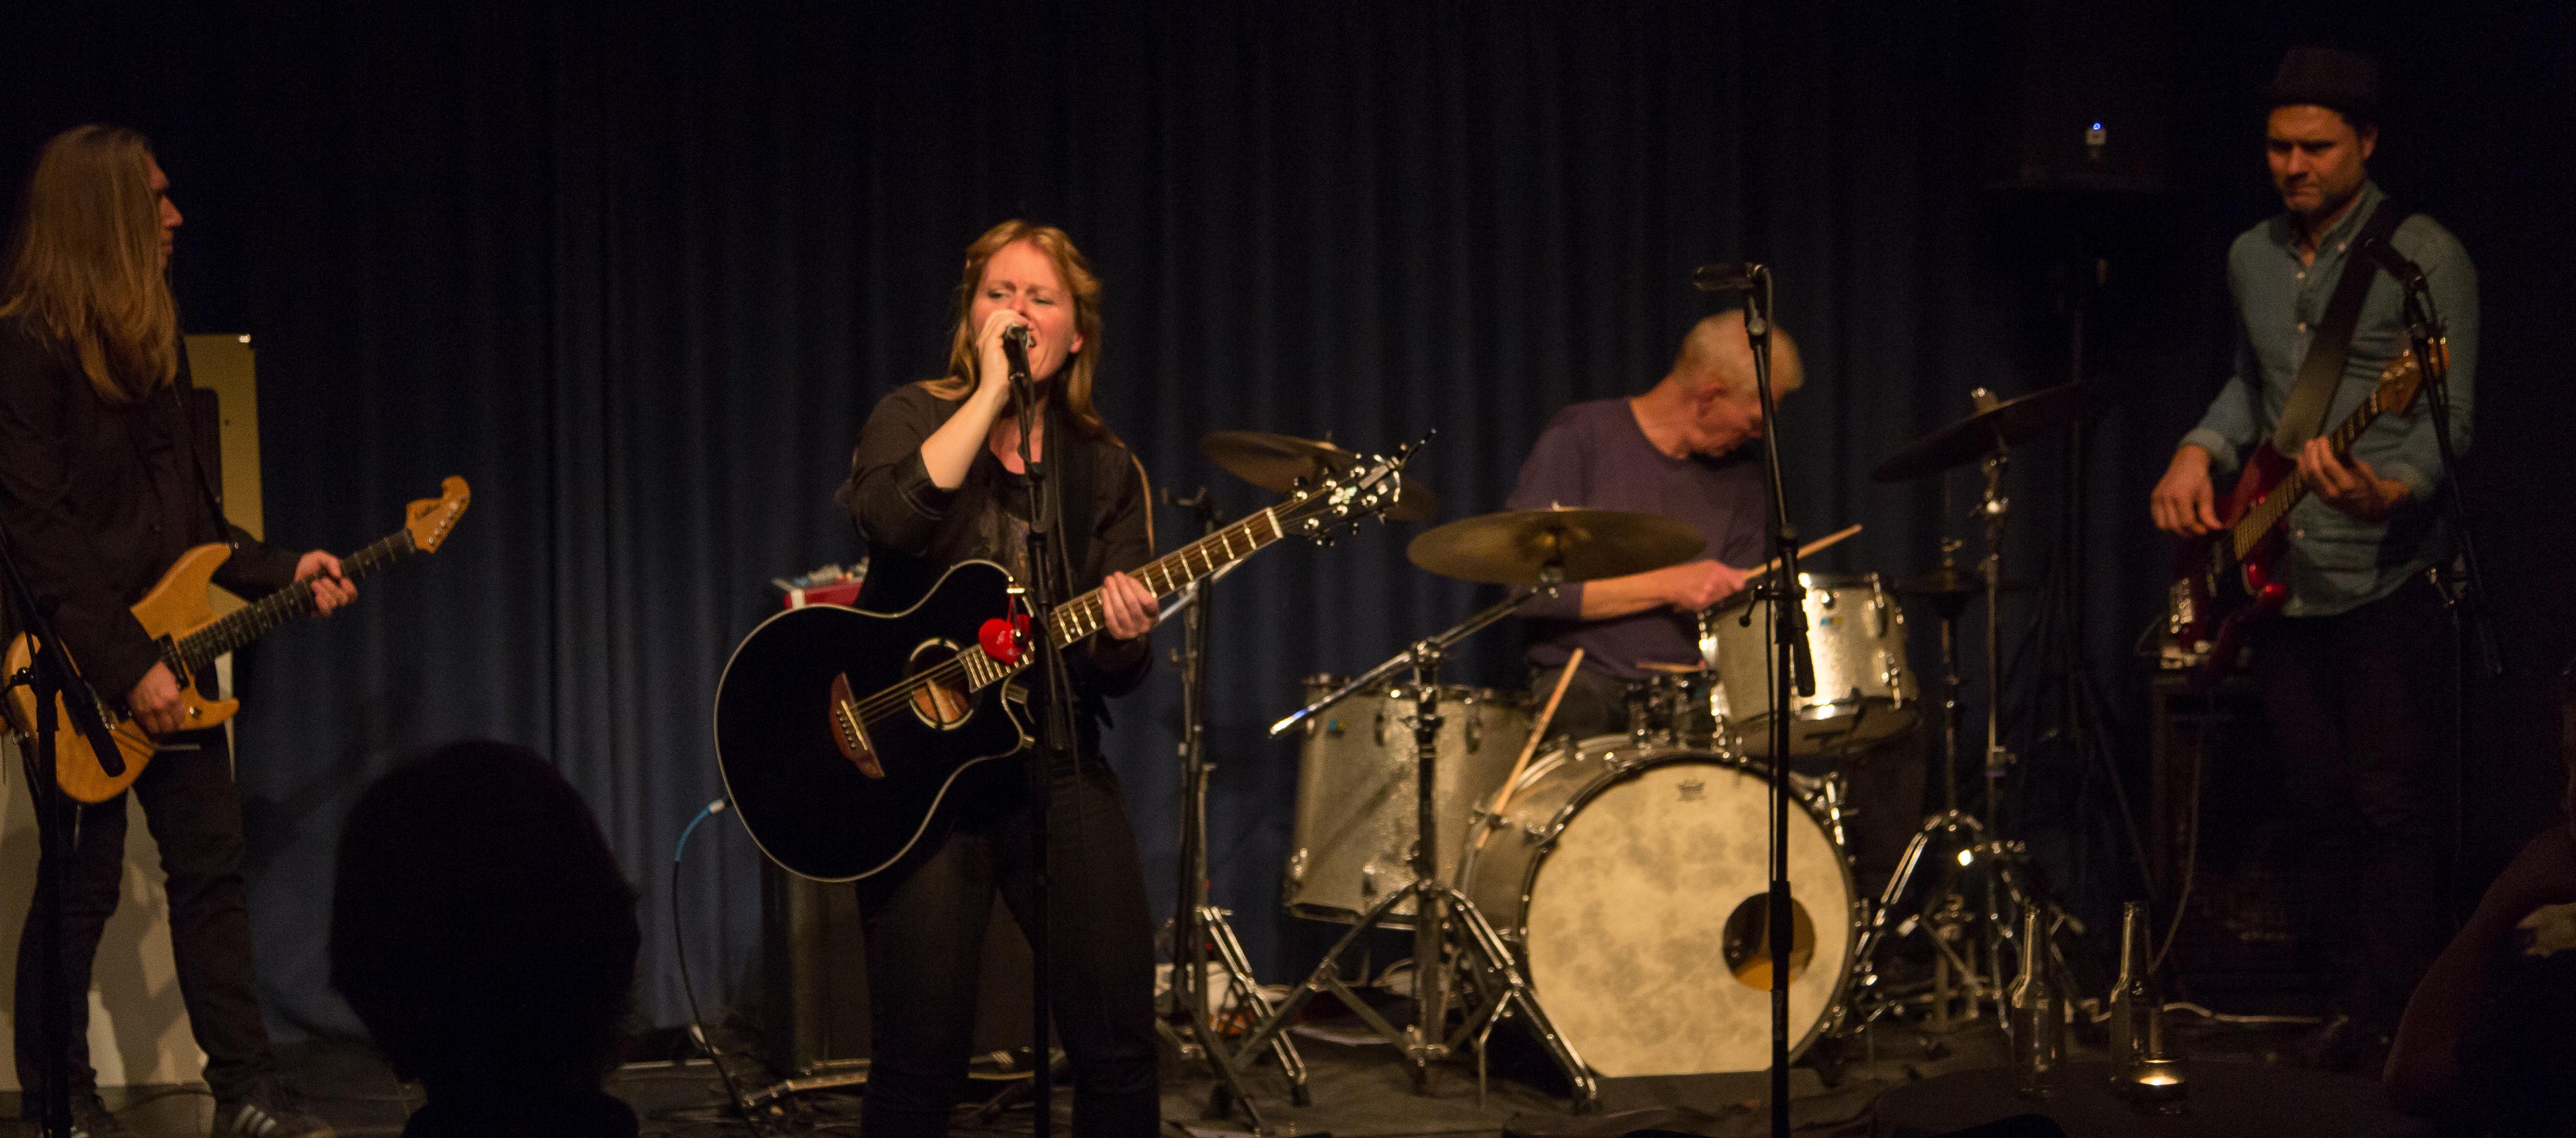 June Beltoft, live-musik på Svanekegaarden, Spil Dansk m. B-Joe (guitar), Sune Martini (bas) og Per Mousing (trommer)